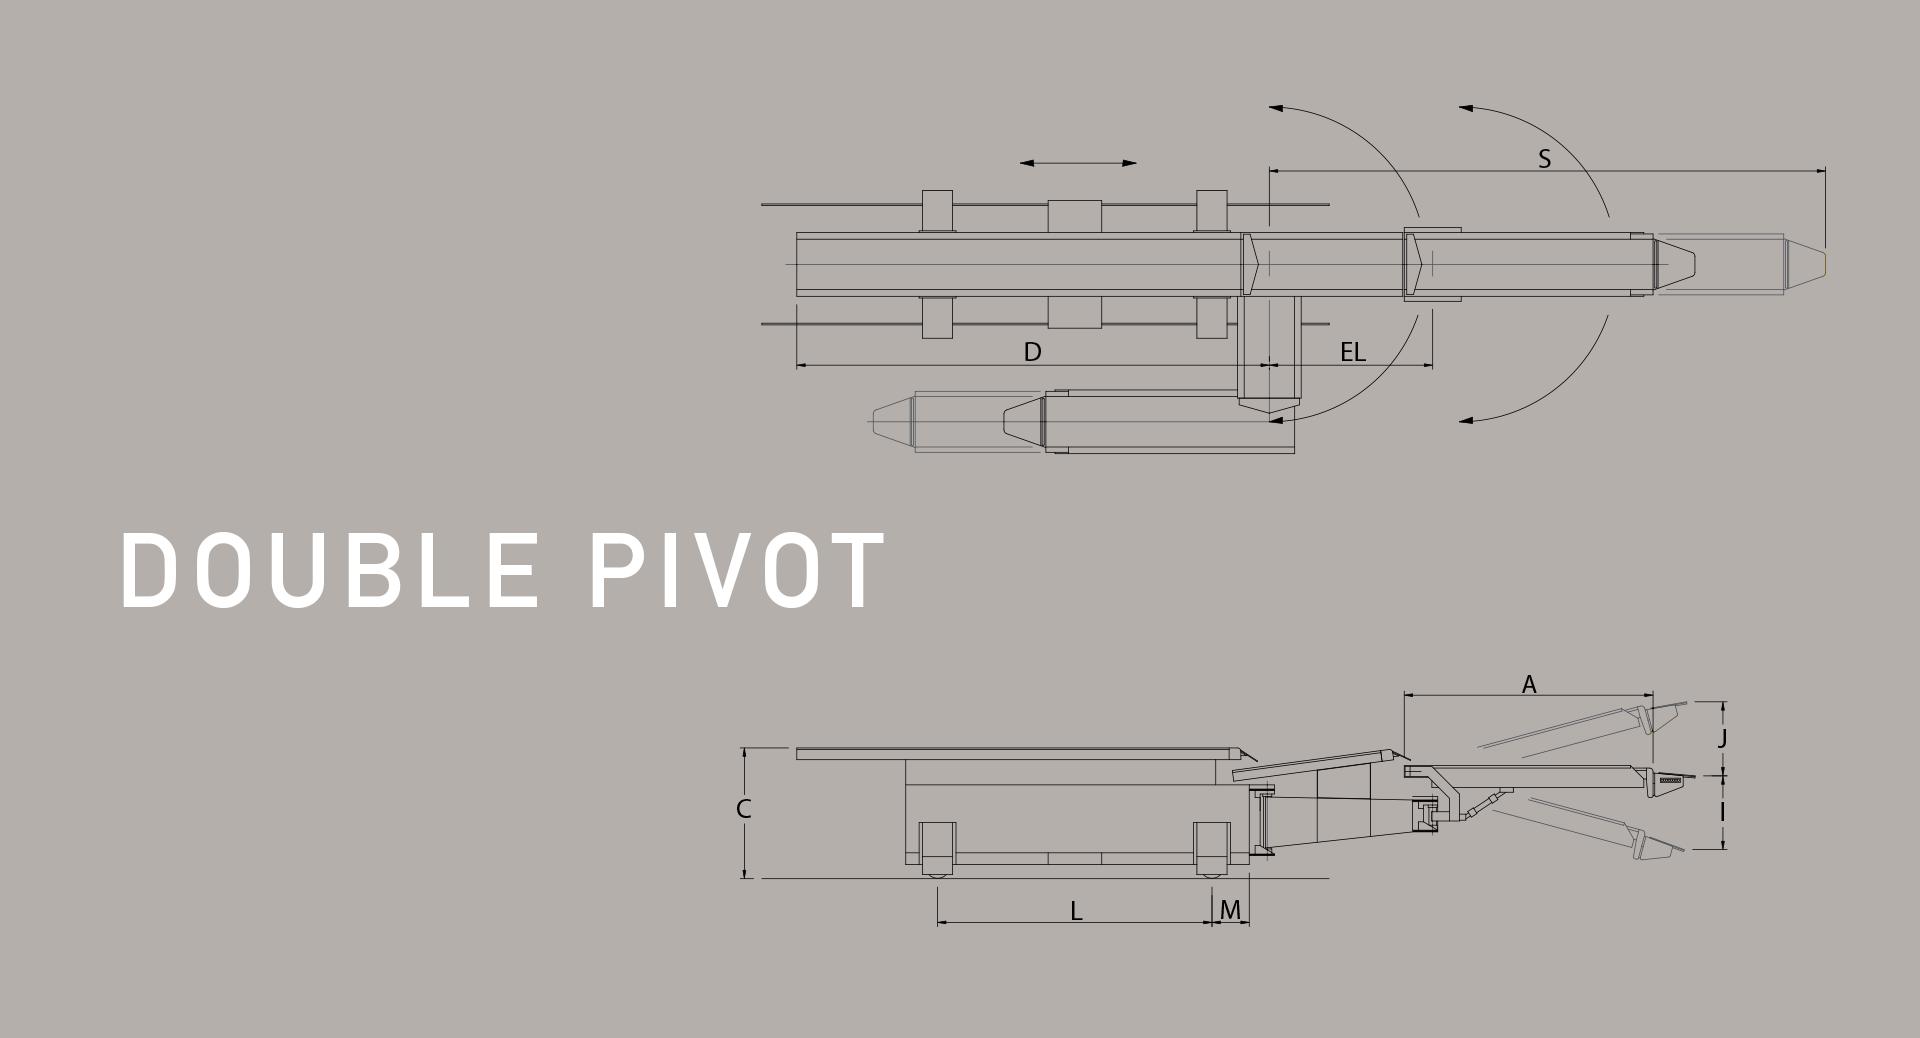 railcar double pivot diagram